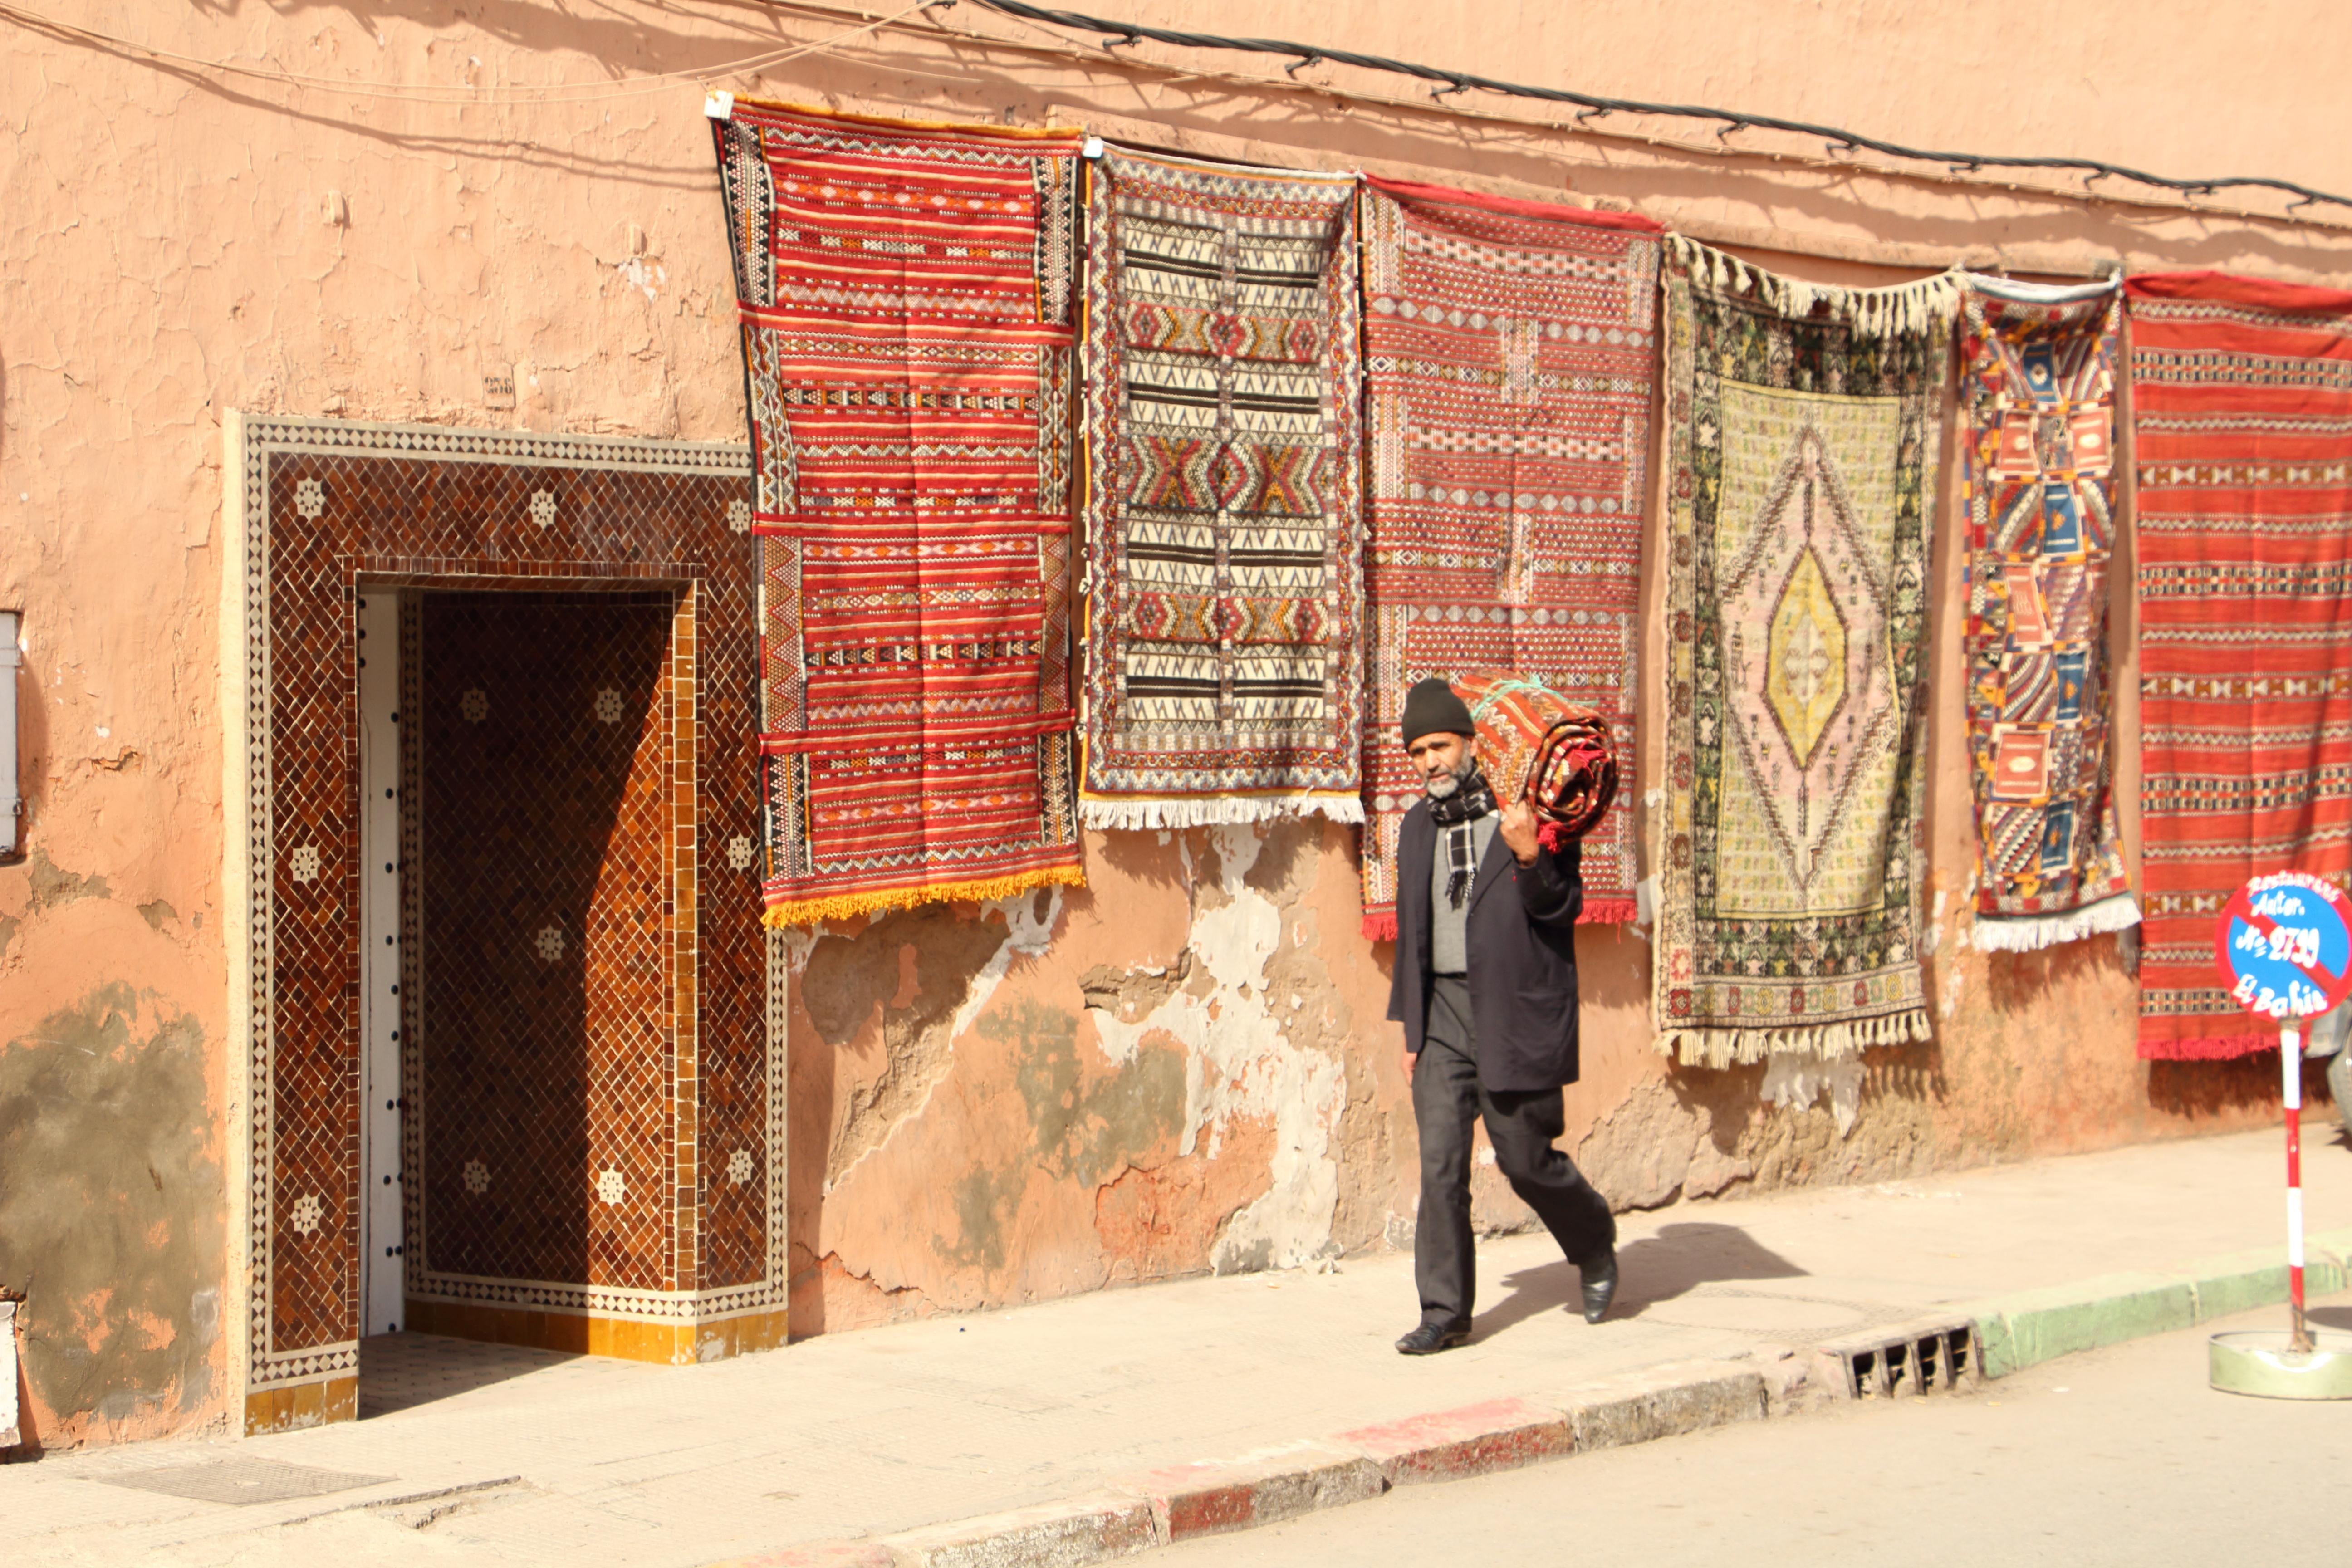 Marokko vapaa dating sites